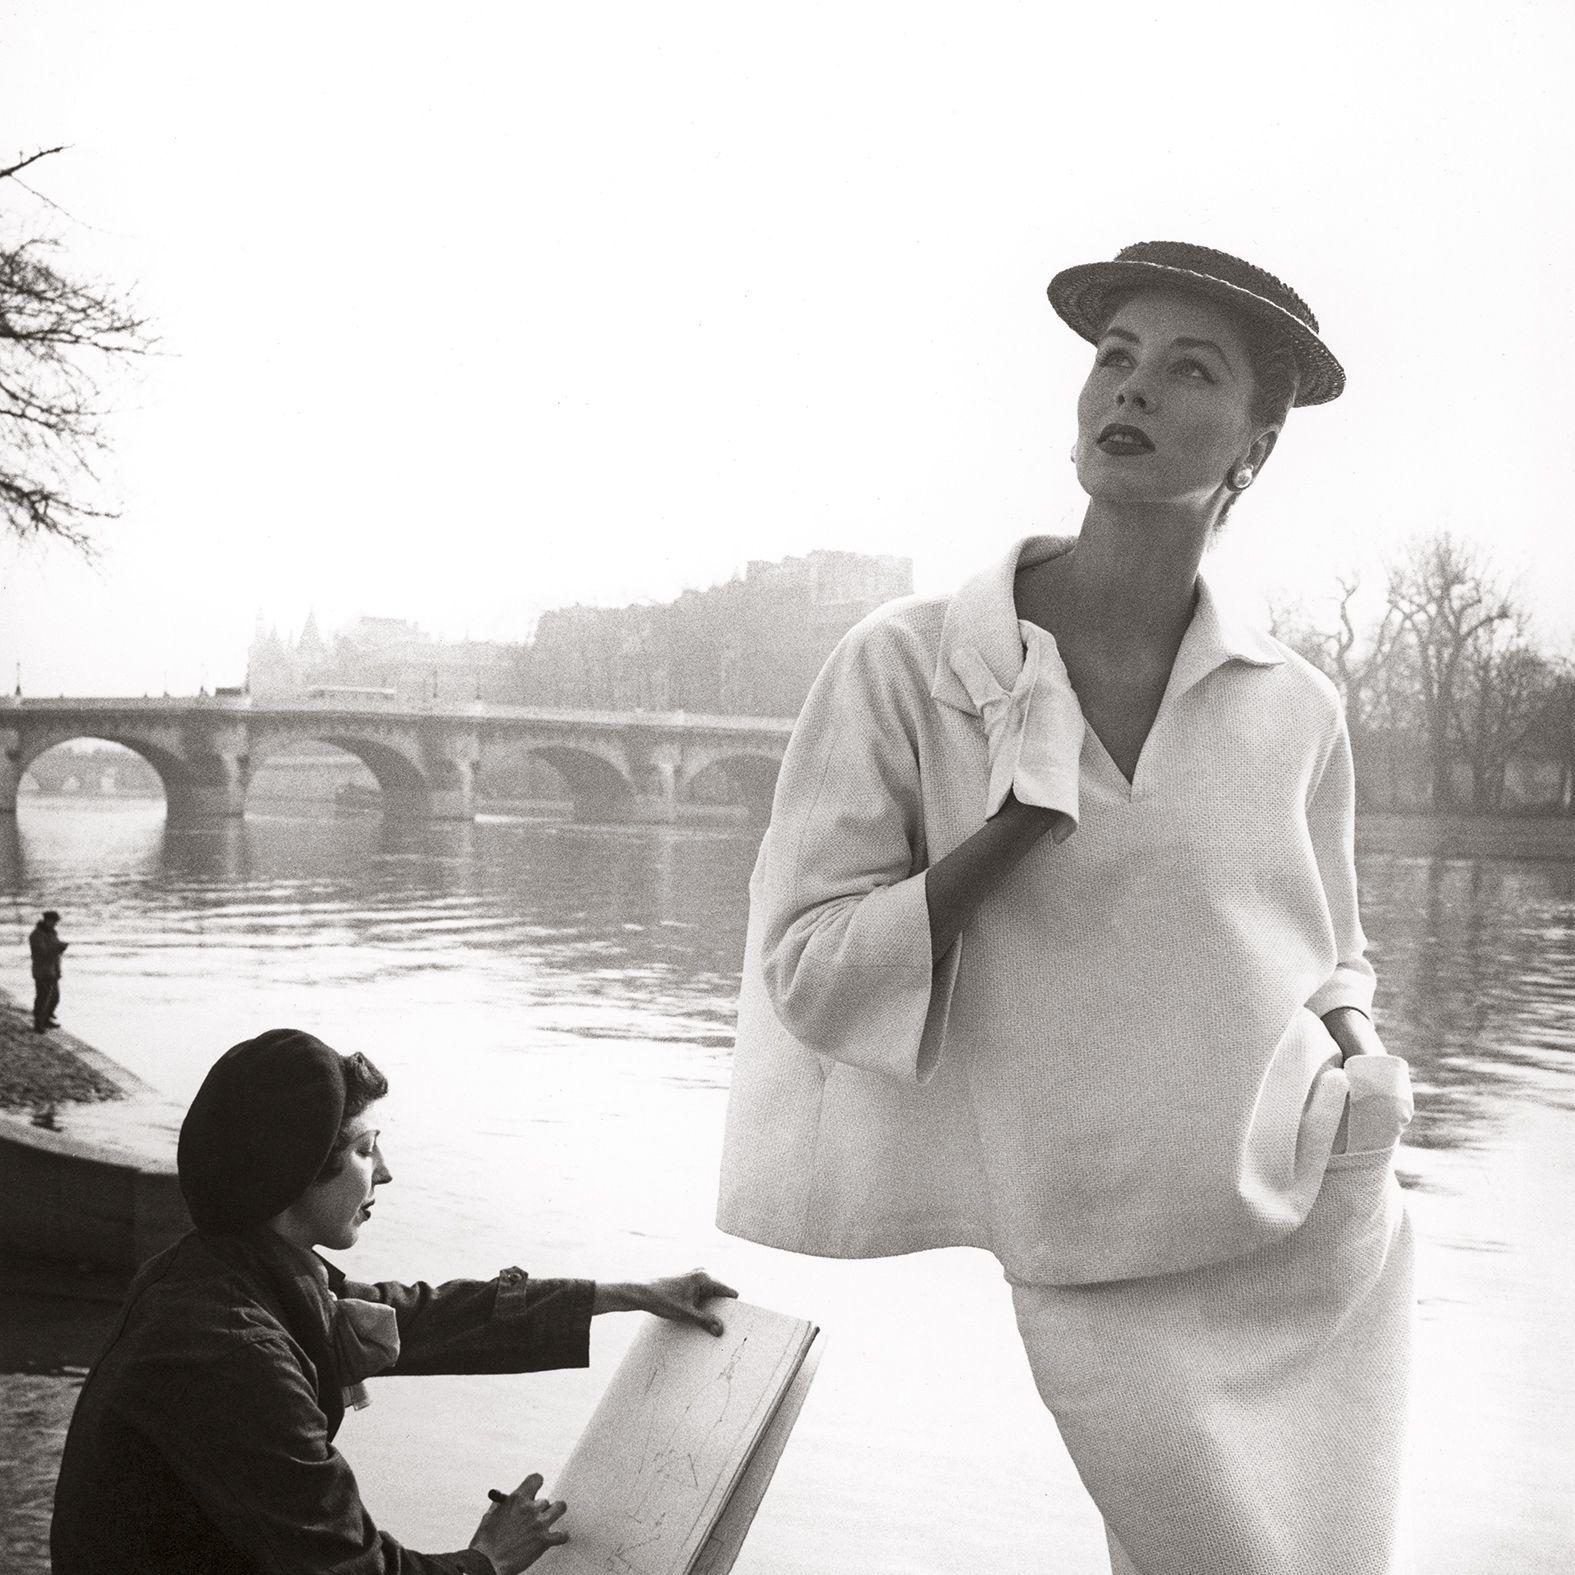 <p><em>Louise Dahl-Wolfe, Suzy Parker by the Seine, costume by Balenciaga, Paris, 1953, from Louise Dahl-Wolfe (Aperture, 2016) </em></p>